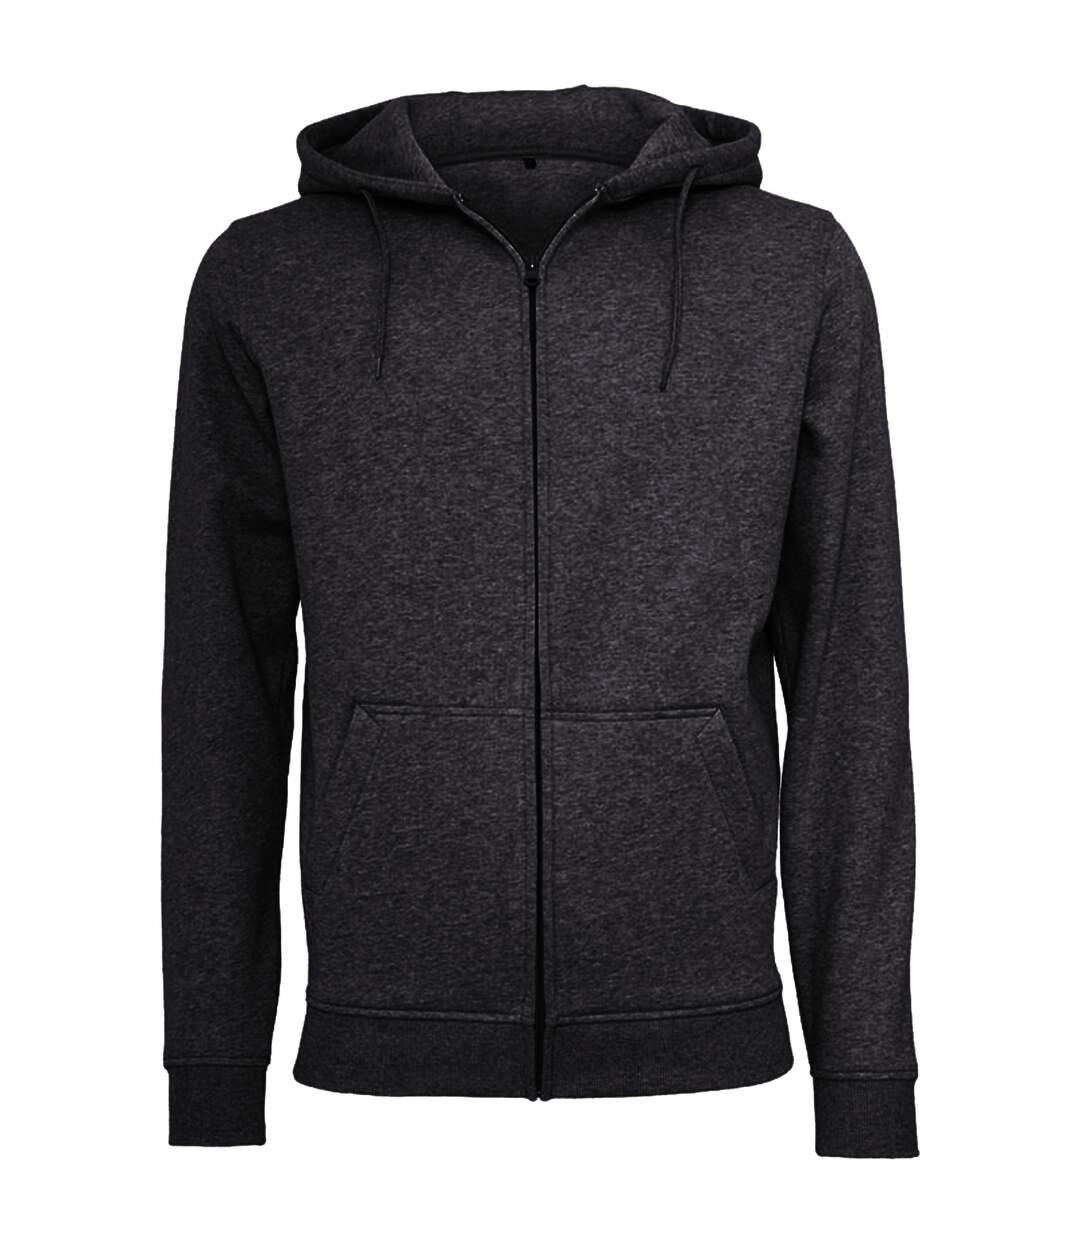 Build Your Brand Mens Heavy Zip Up Hoodie (Olive) - UTRW5680